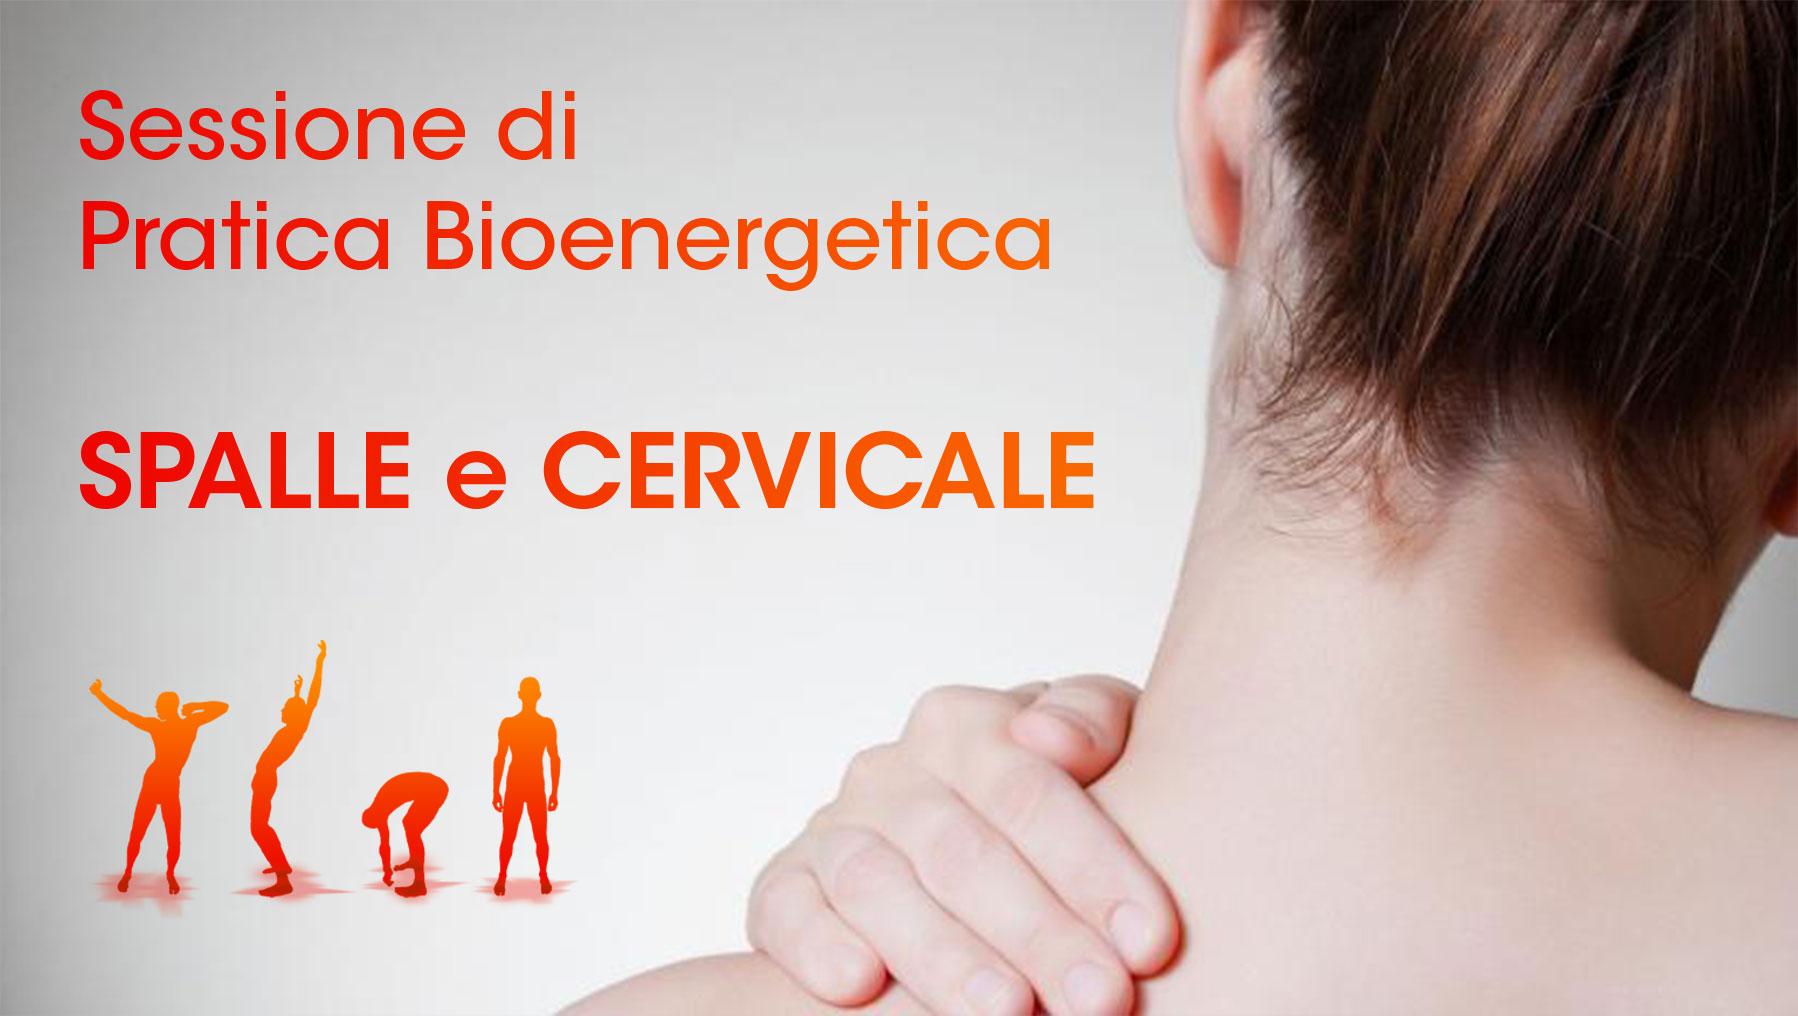 Bioenergetica per spalle e cervicale - Pratica bioenergetica